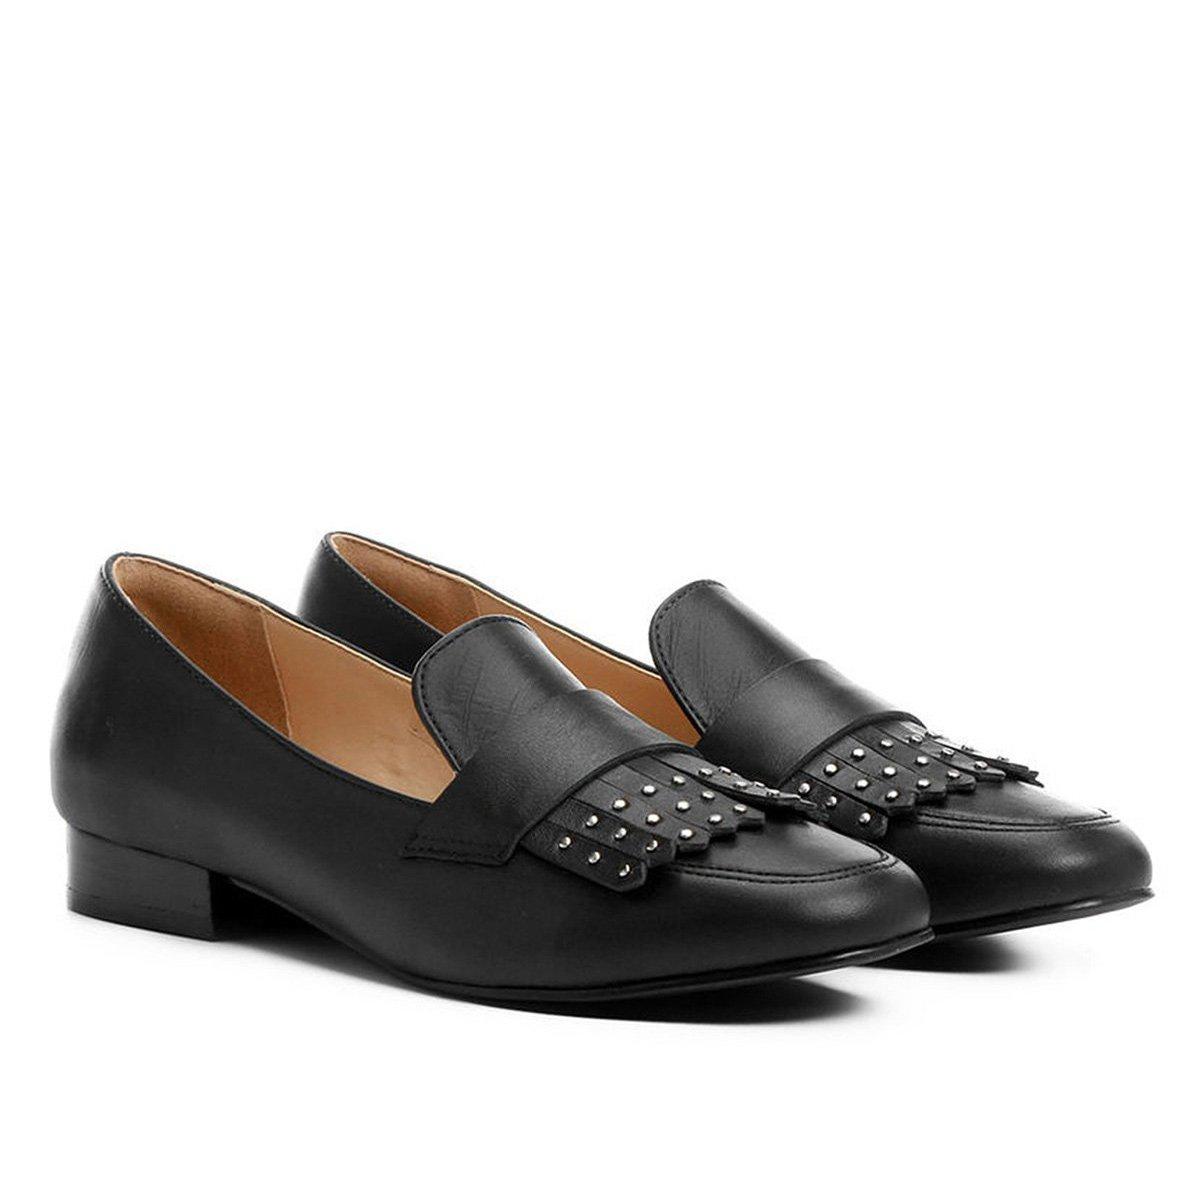 445e7d1b53 Mocassim Couro Shoestock Franja Apliques Feminina - Preto - Compre Agora